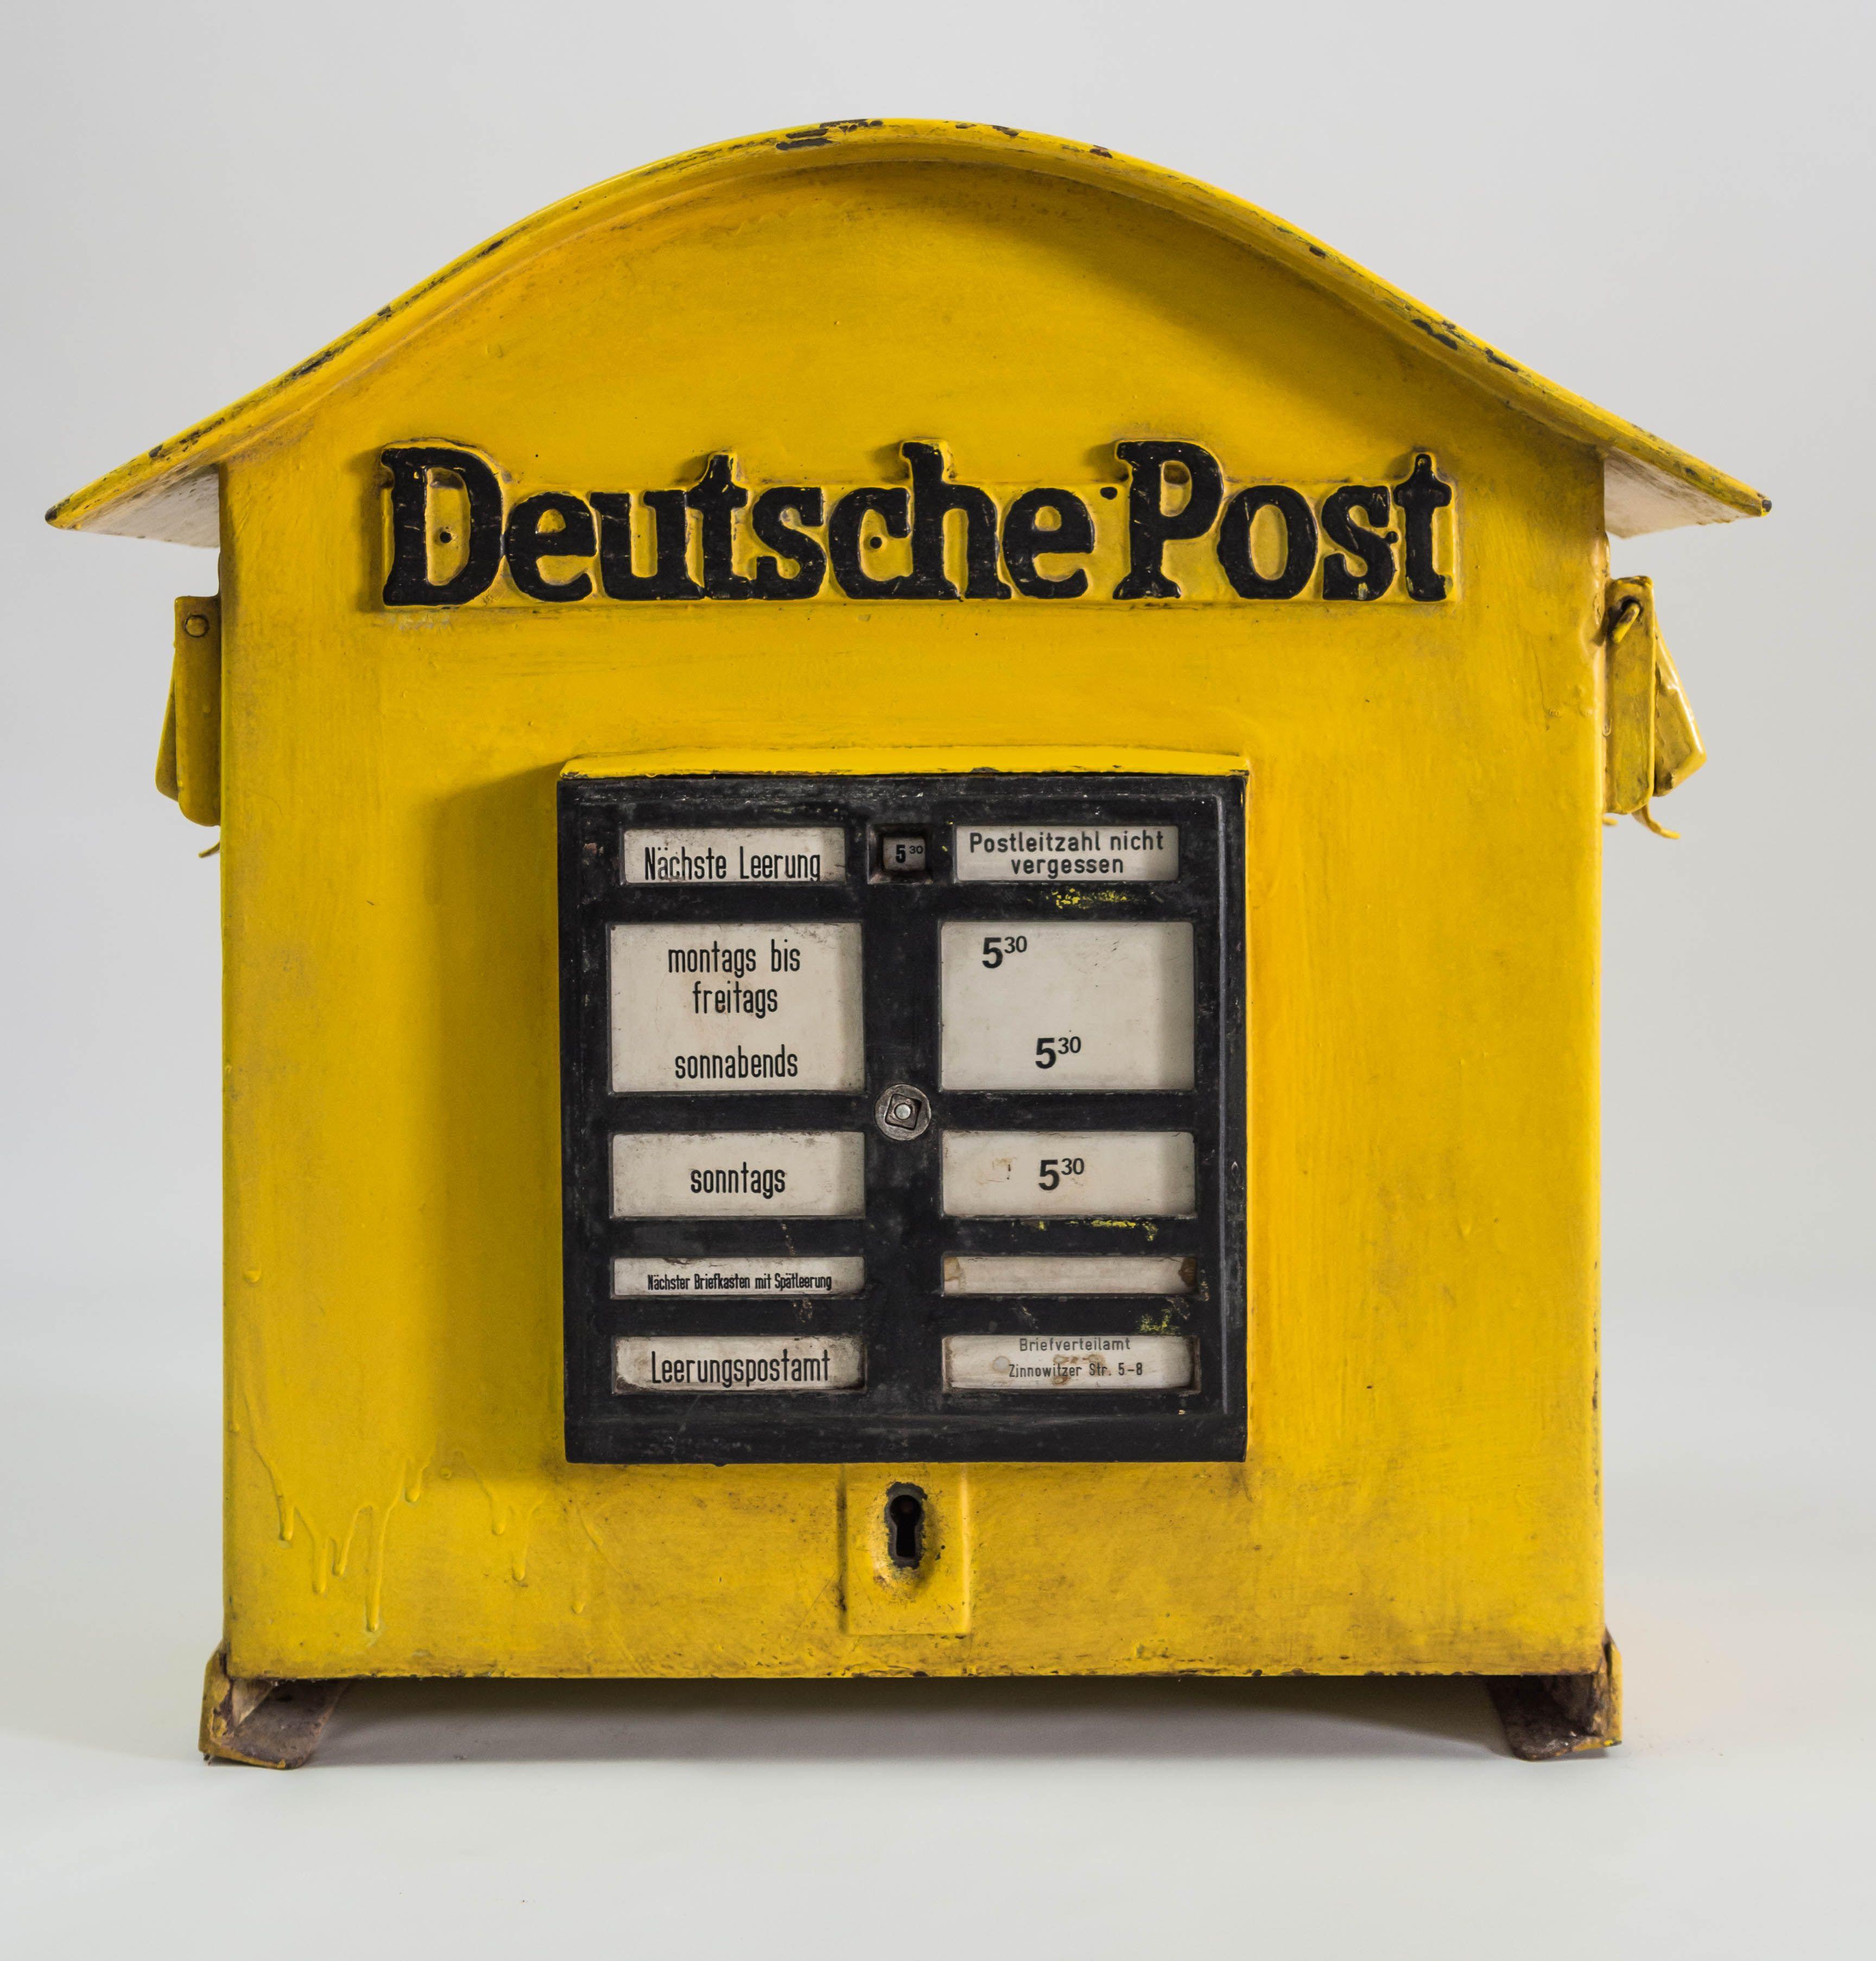 ddr museum museum objektdatenbank briefkasten copyright ddr museum berlin eine. Black Bedroom Furniture Sets. Home Design Ideas